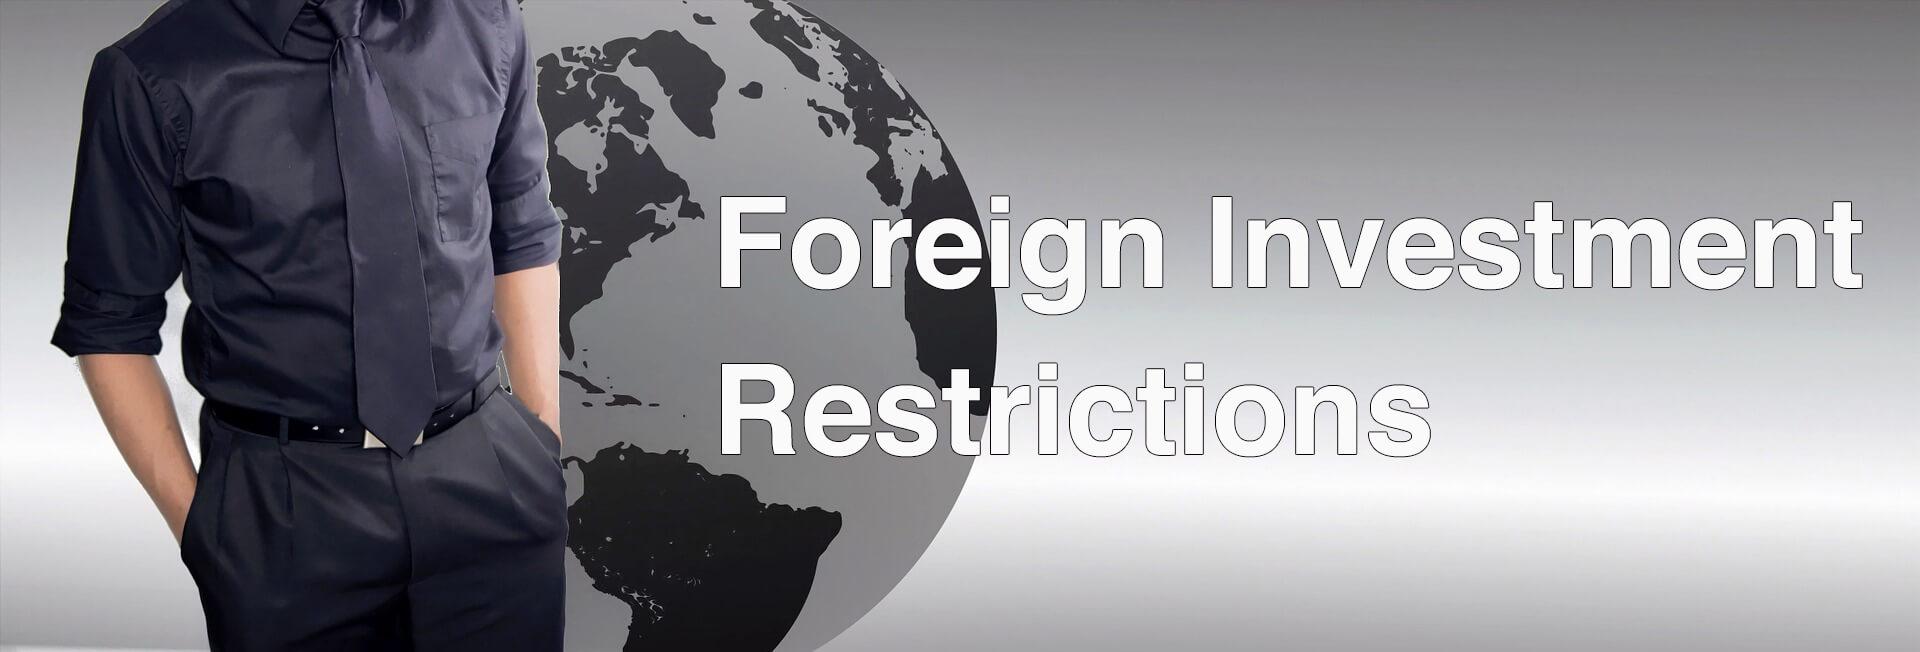 外資規制の基礎知識 | 日本と海外の外資規制の違い / 外資規制が必要な理由…ほか